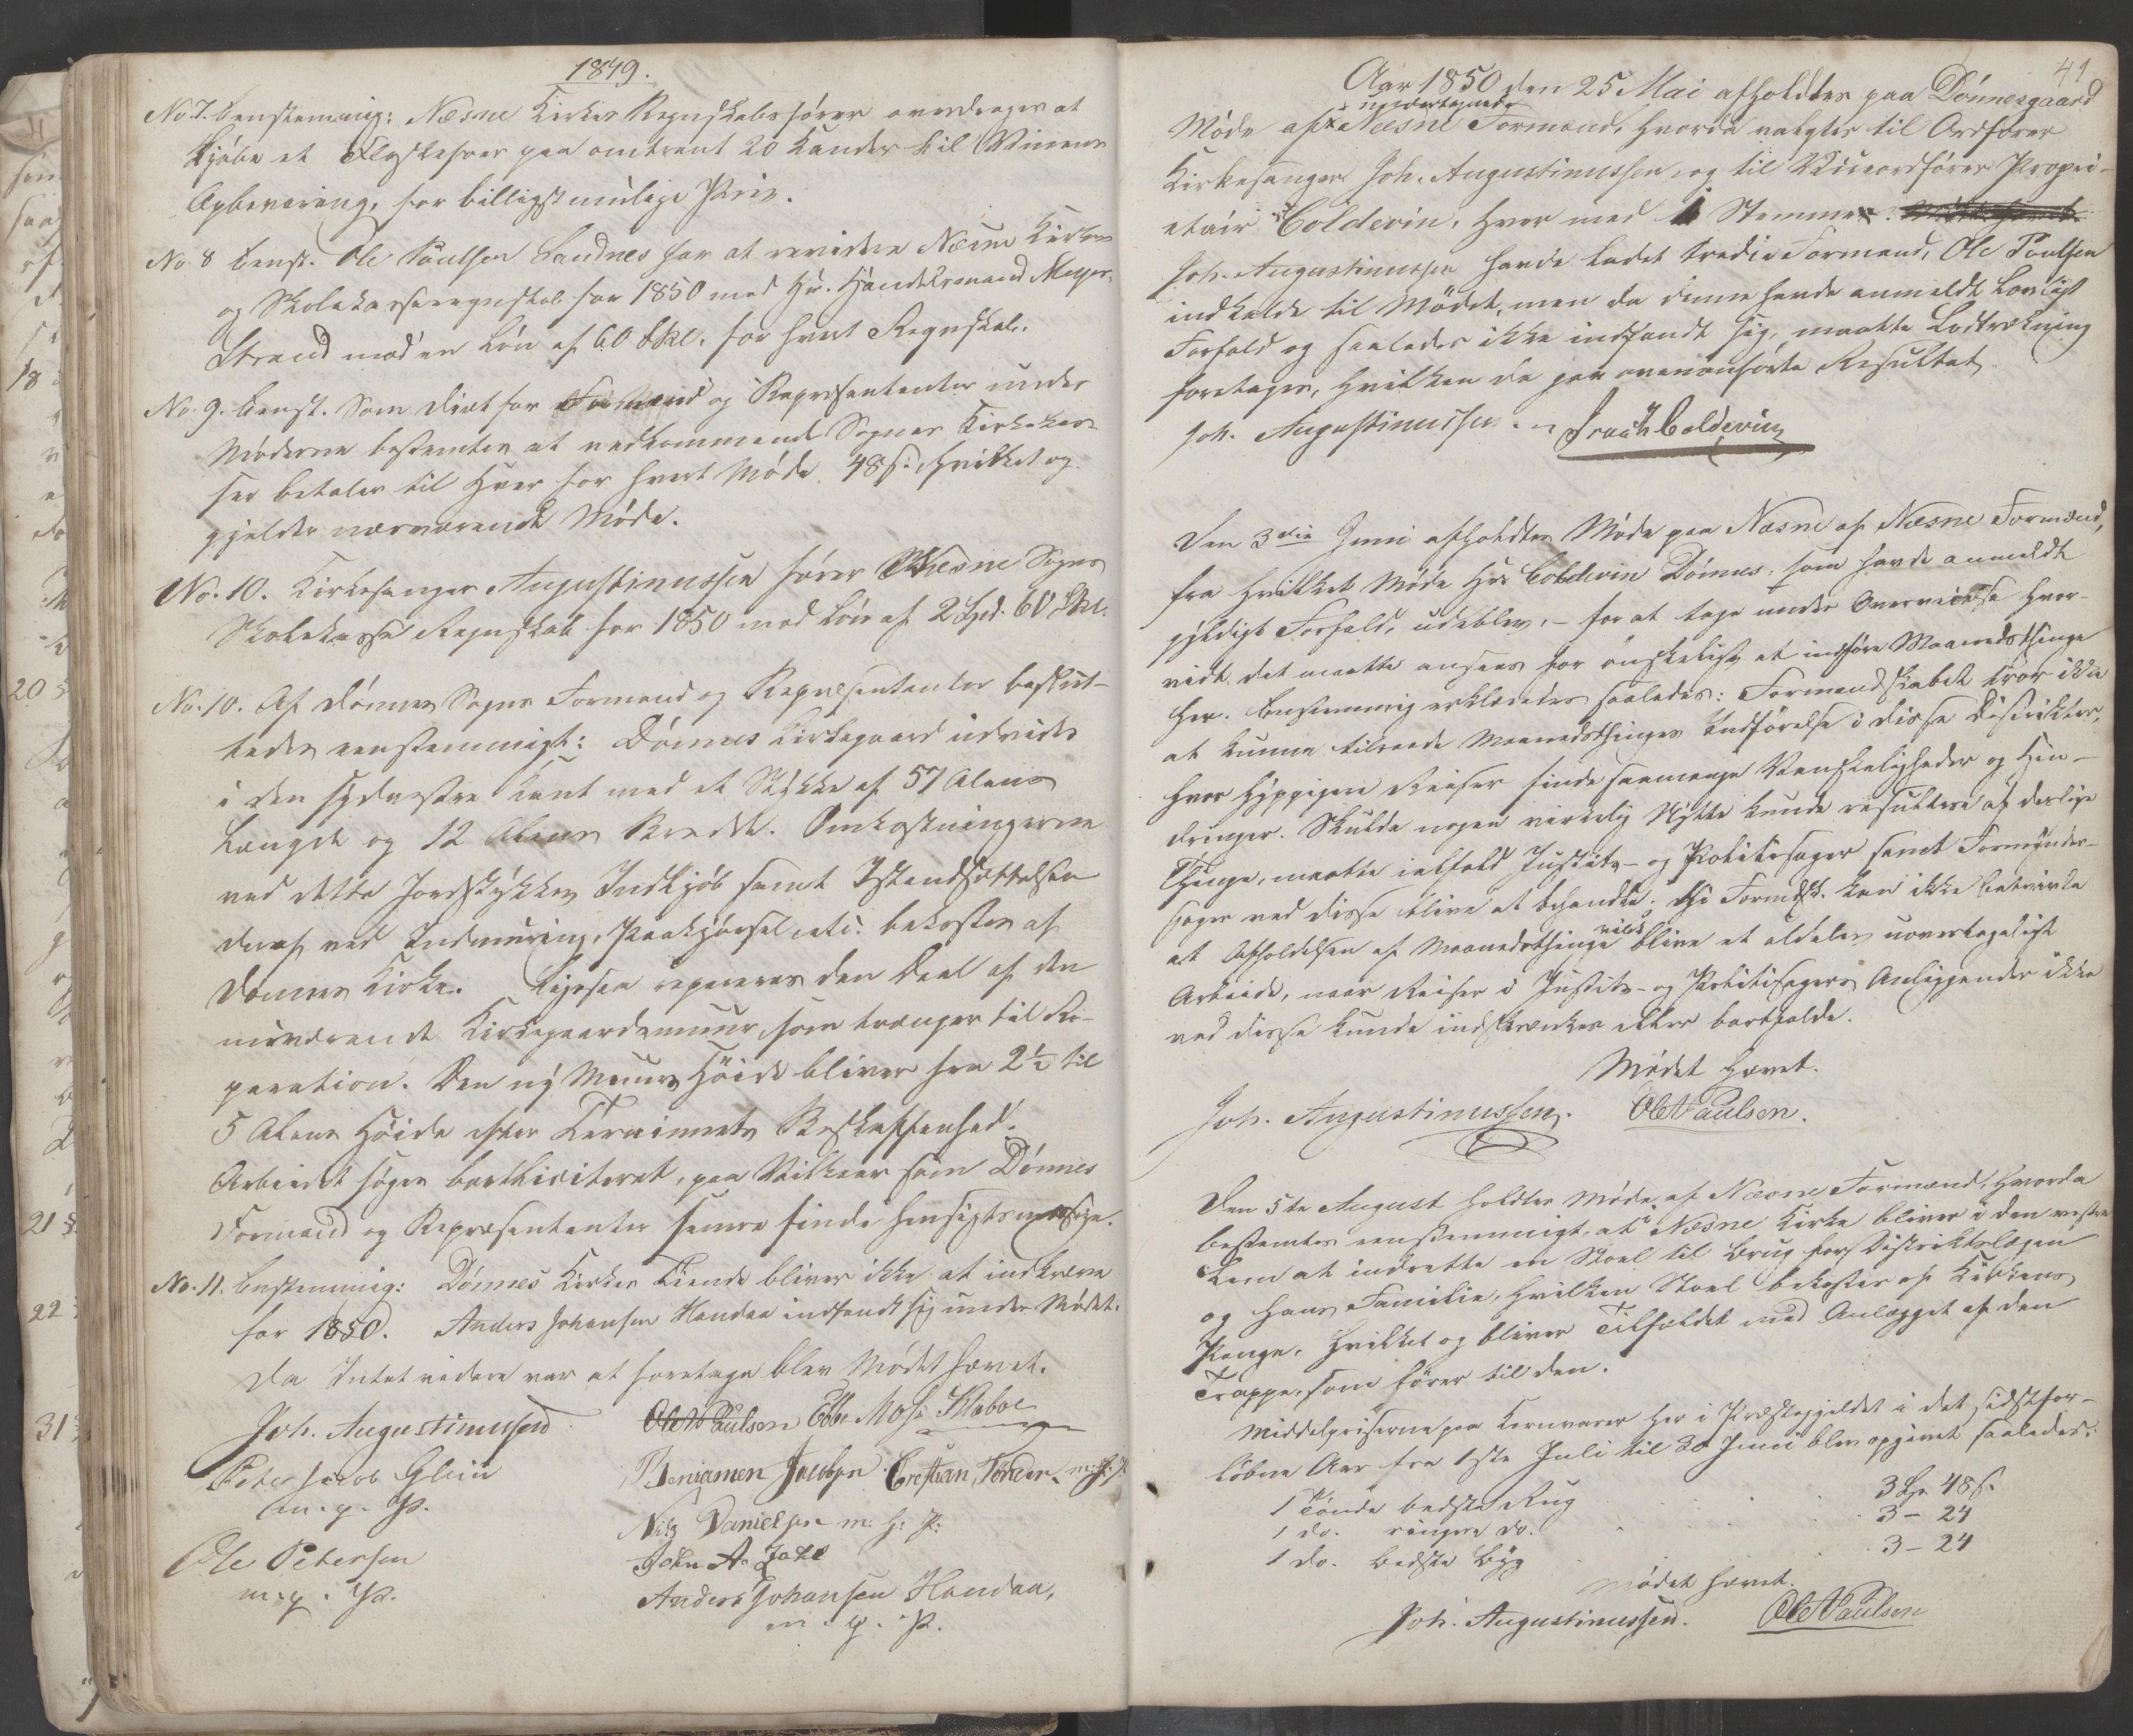 AIN, Nesna kommune. Formannskapet, 100/L0001: Møtebok, 1838-1873, s. 41